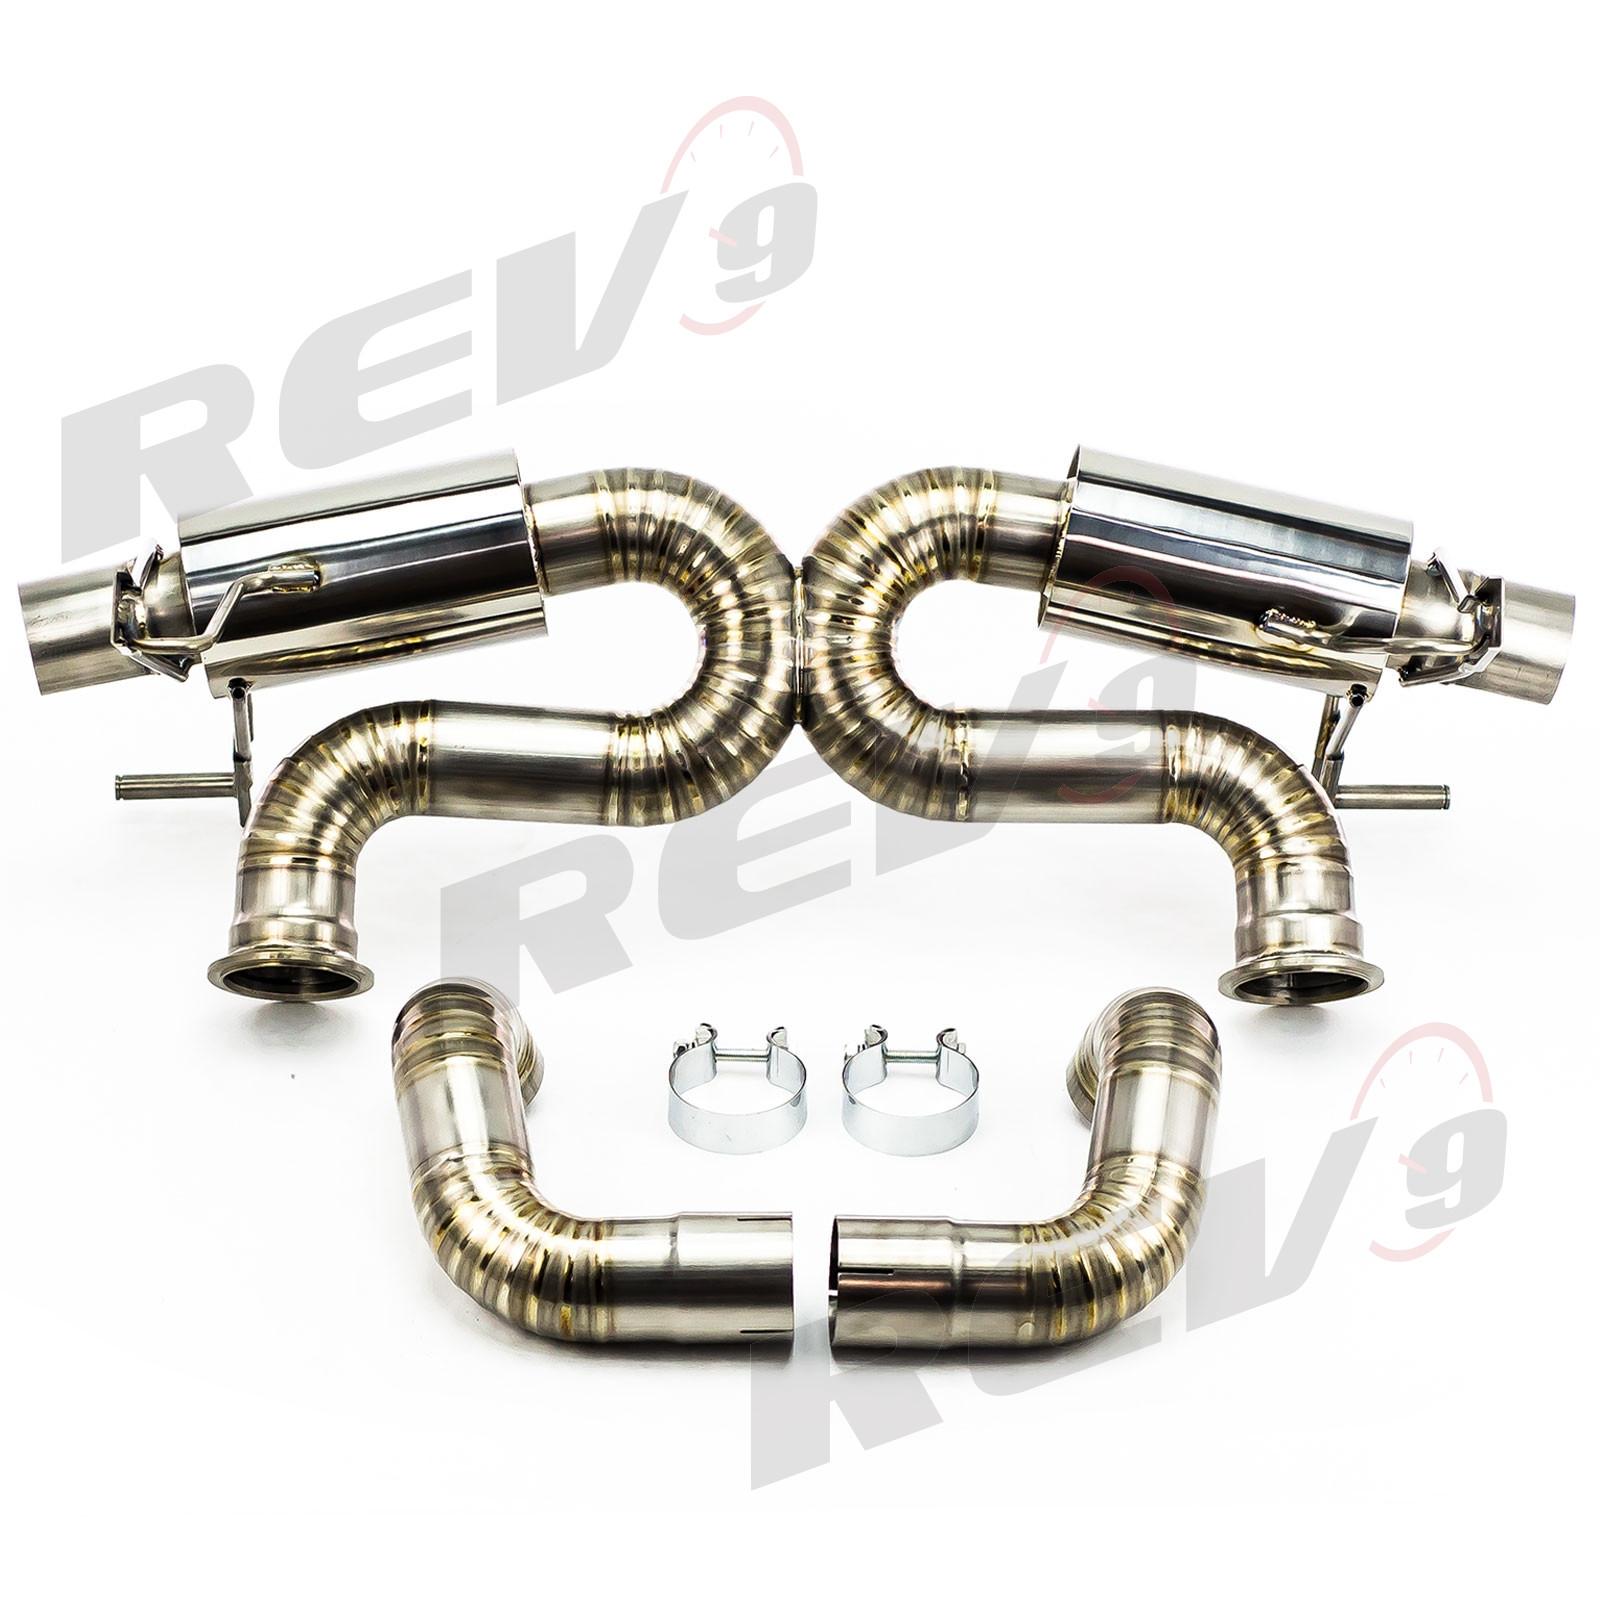 Rev9Power: Cat-Back Exhaust, Titanium, 2.75 Inch, Audi R8